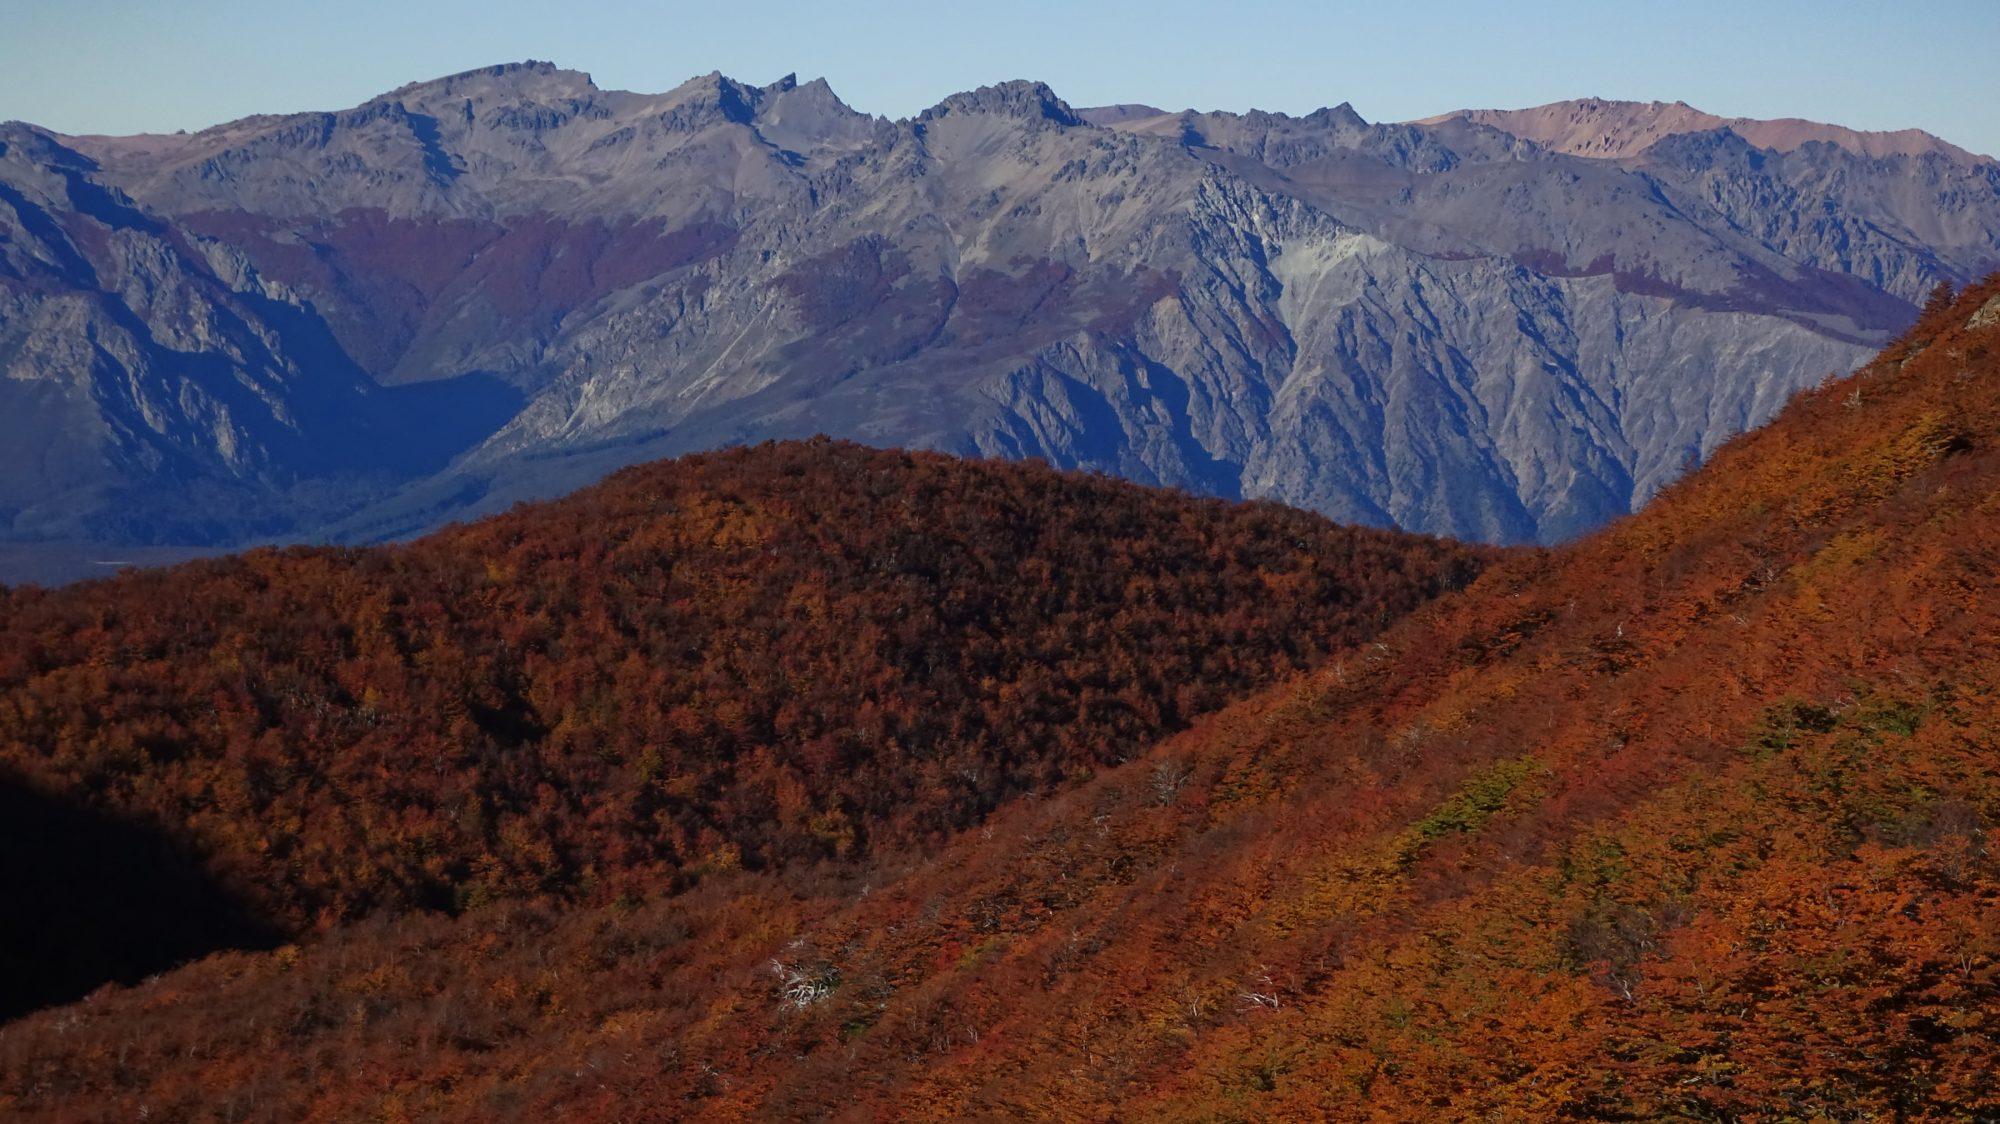 Fjella El Bolson Wanderung Patagonien Warton Dedo Gordo Encanto Blanco Wanderroute Wandern Herbst Berge